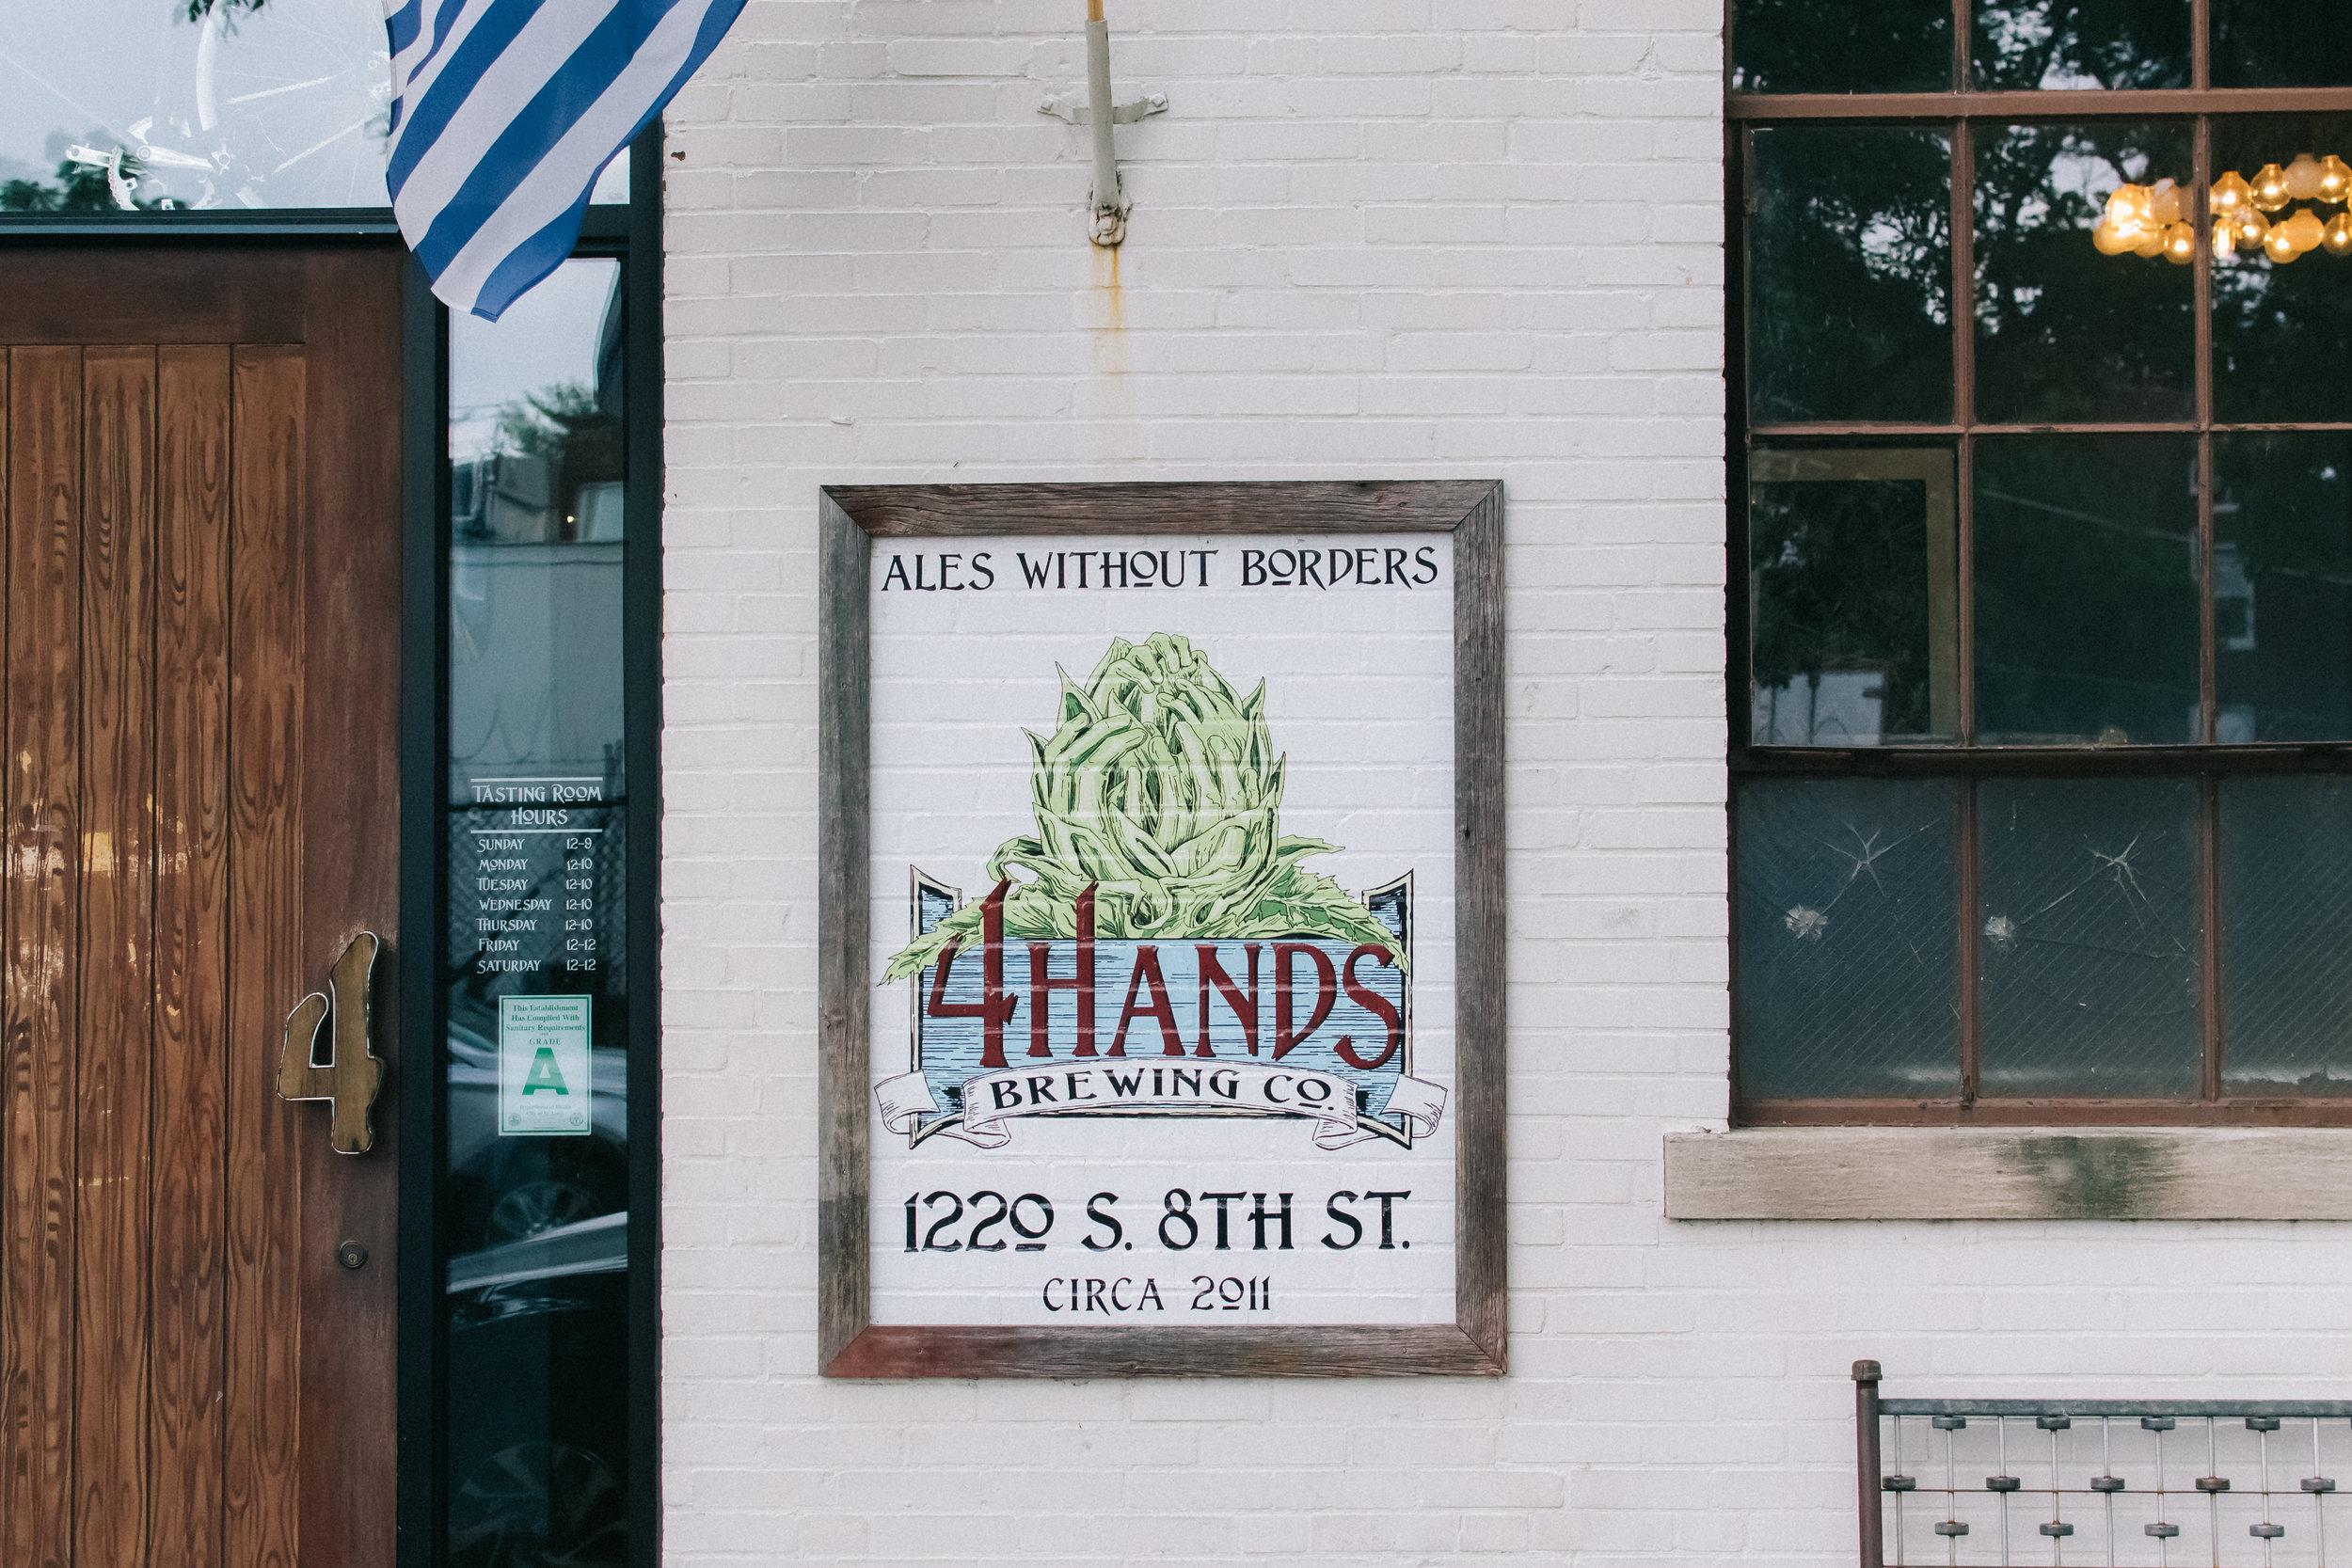 4-Hands-Brewing-St-Louis-Missouri-Beer-Matt-Sampson-Photography-Entrance.jpg